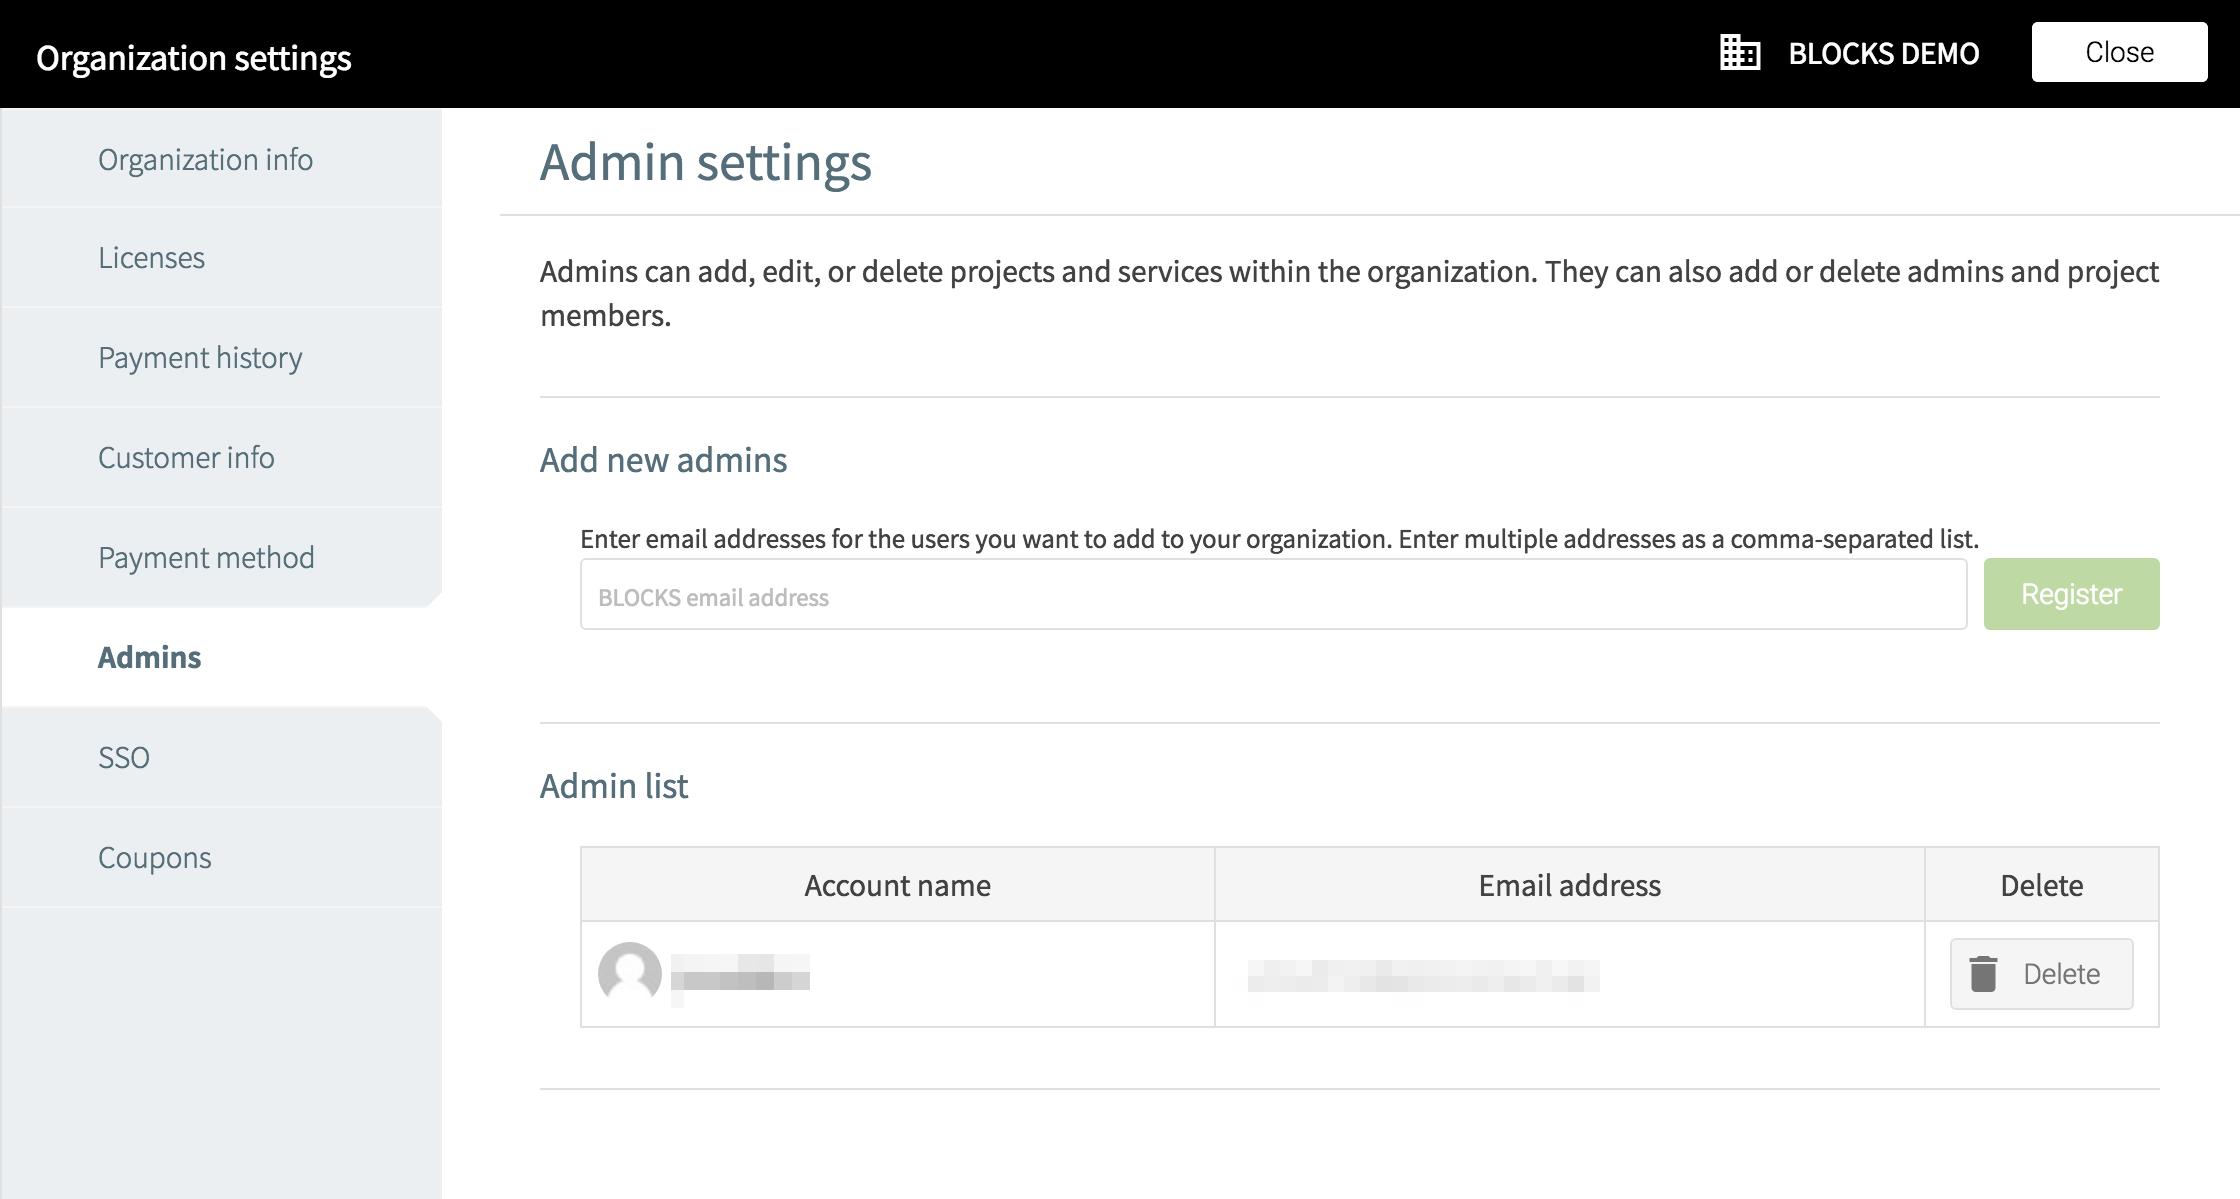 Organization settings admins screen